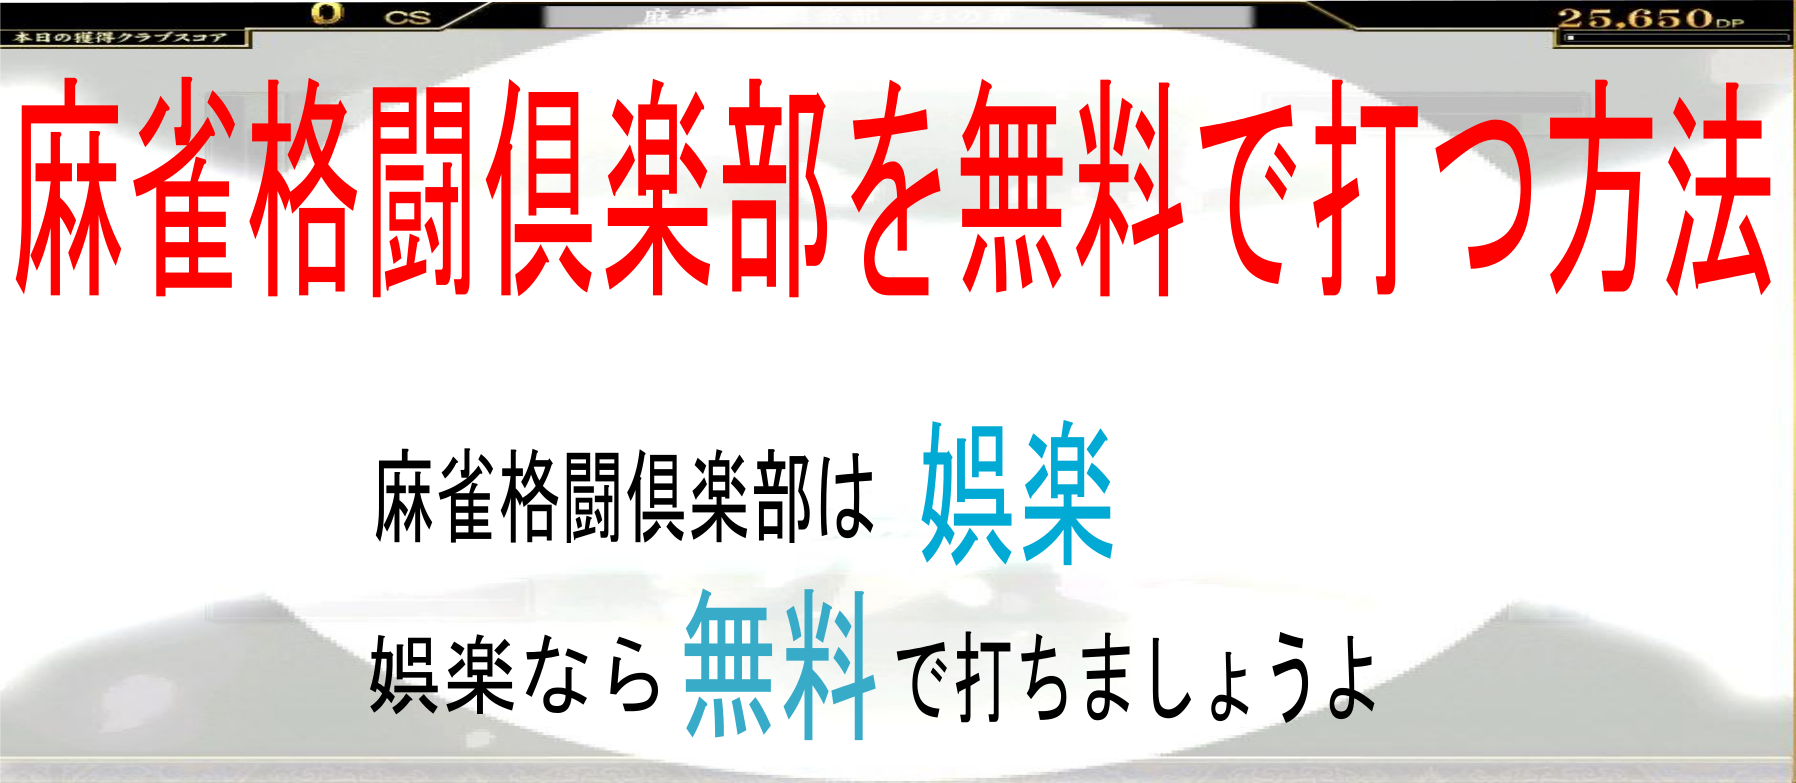 青龍 龍 イラスト フリー